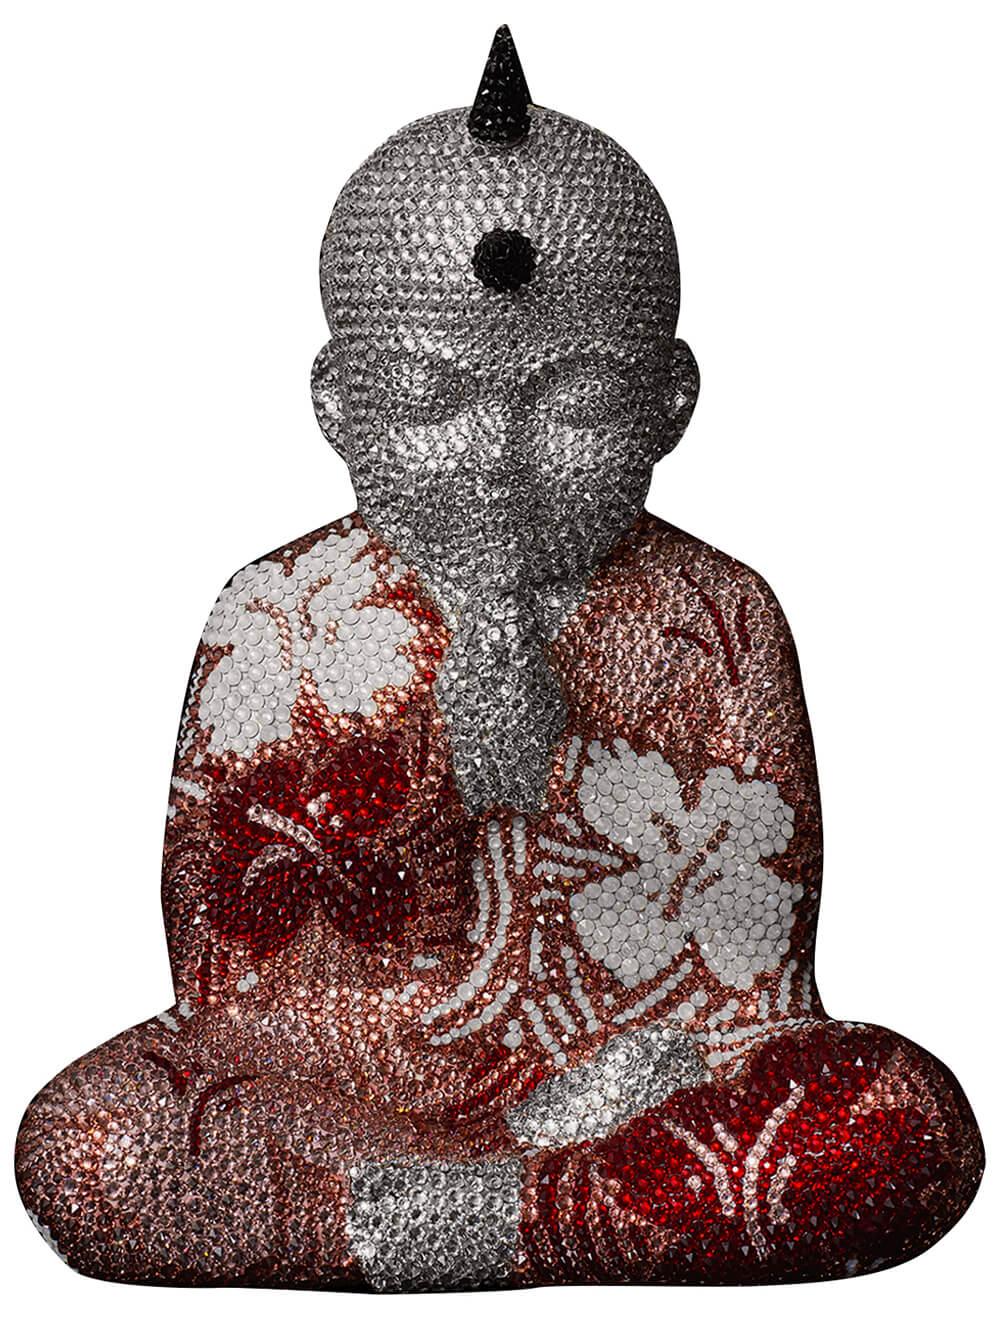 punkbuddha-sweet-surrender-Metis Atash - Emerging Artists